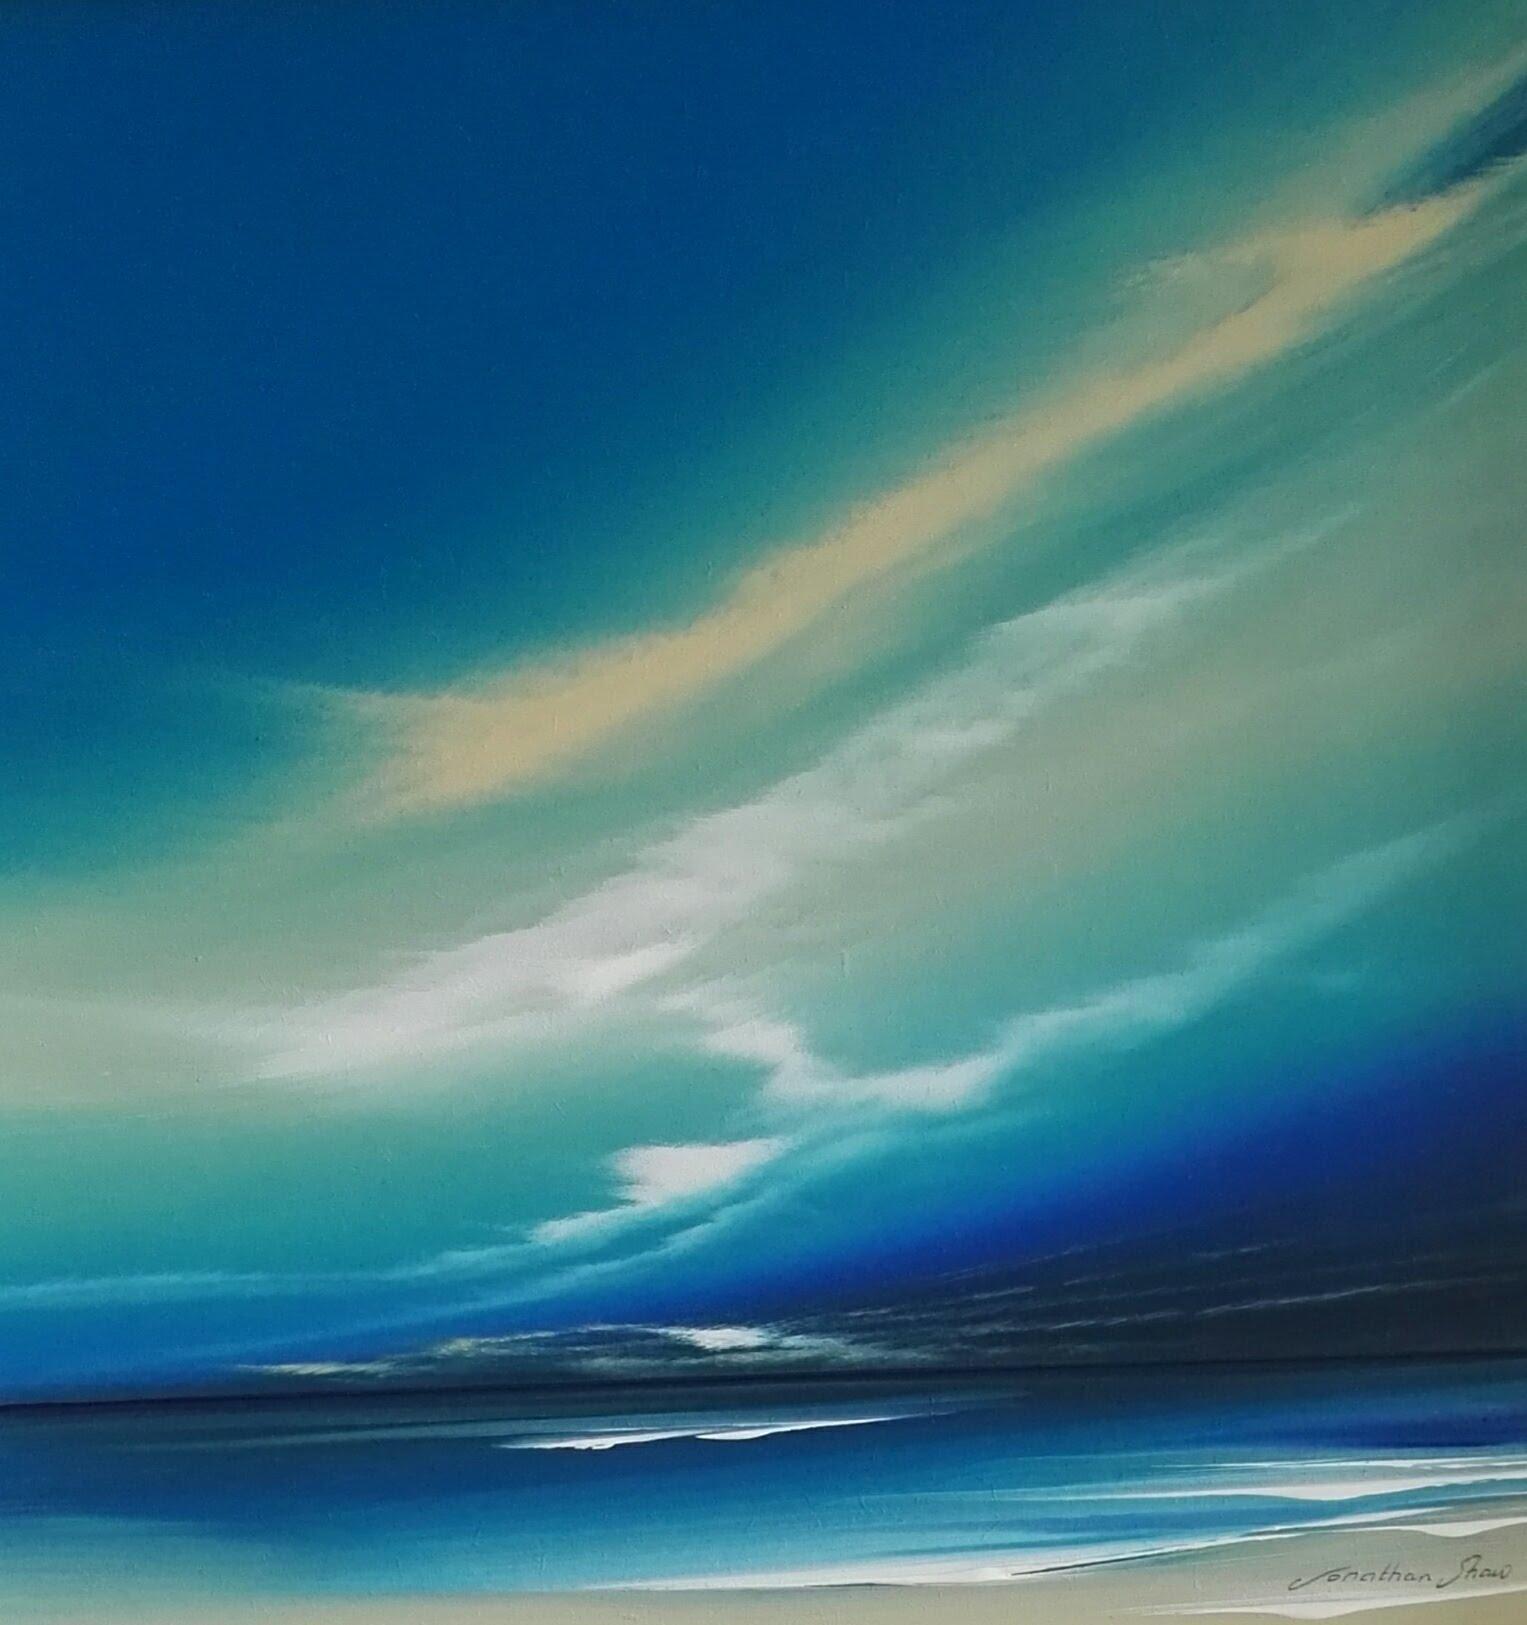 Johnathan Shaw